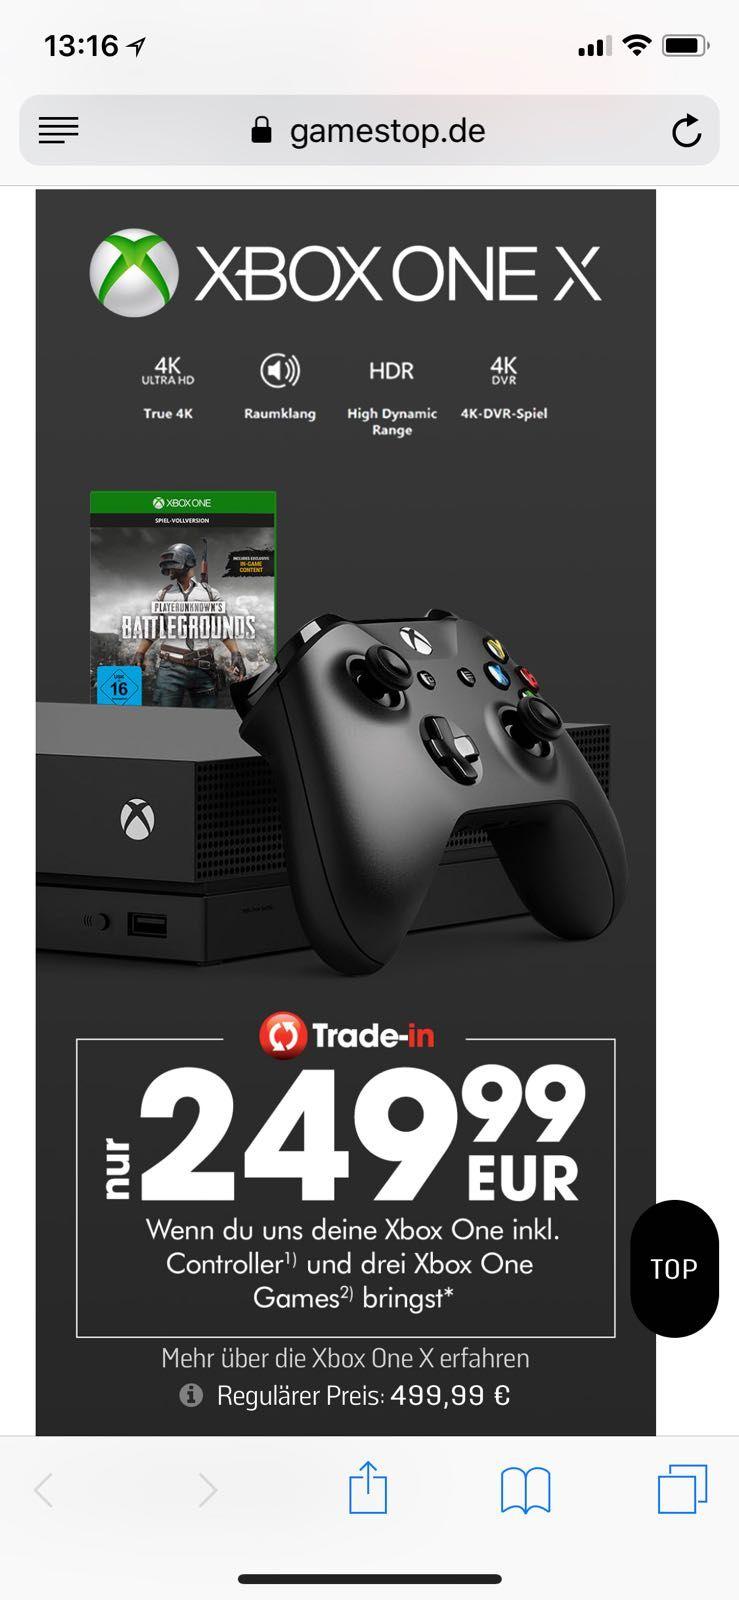 Xbox one x für 249,99€ Trade-in bei Gamestop